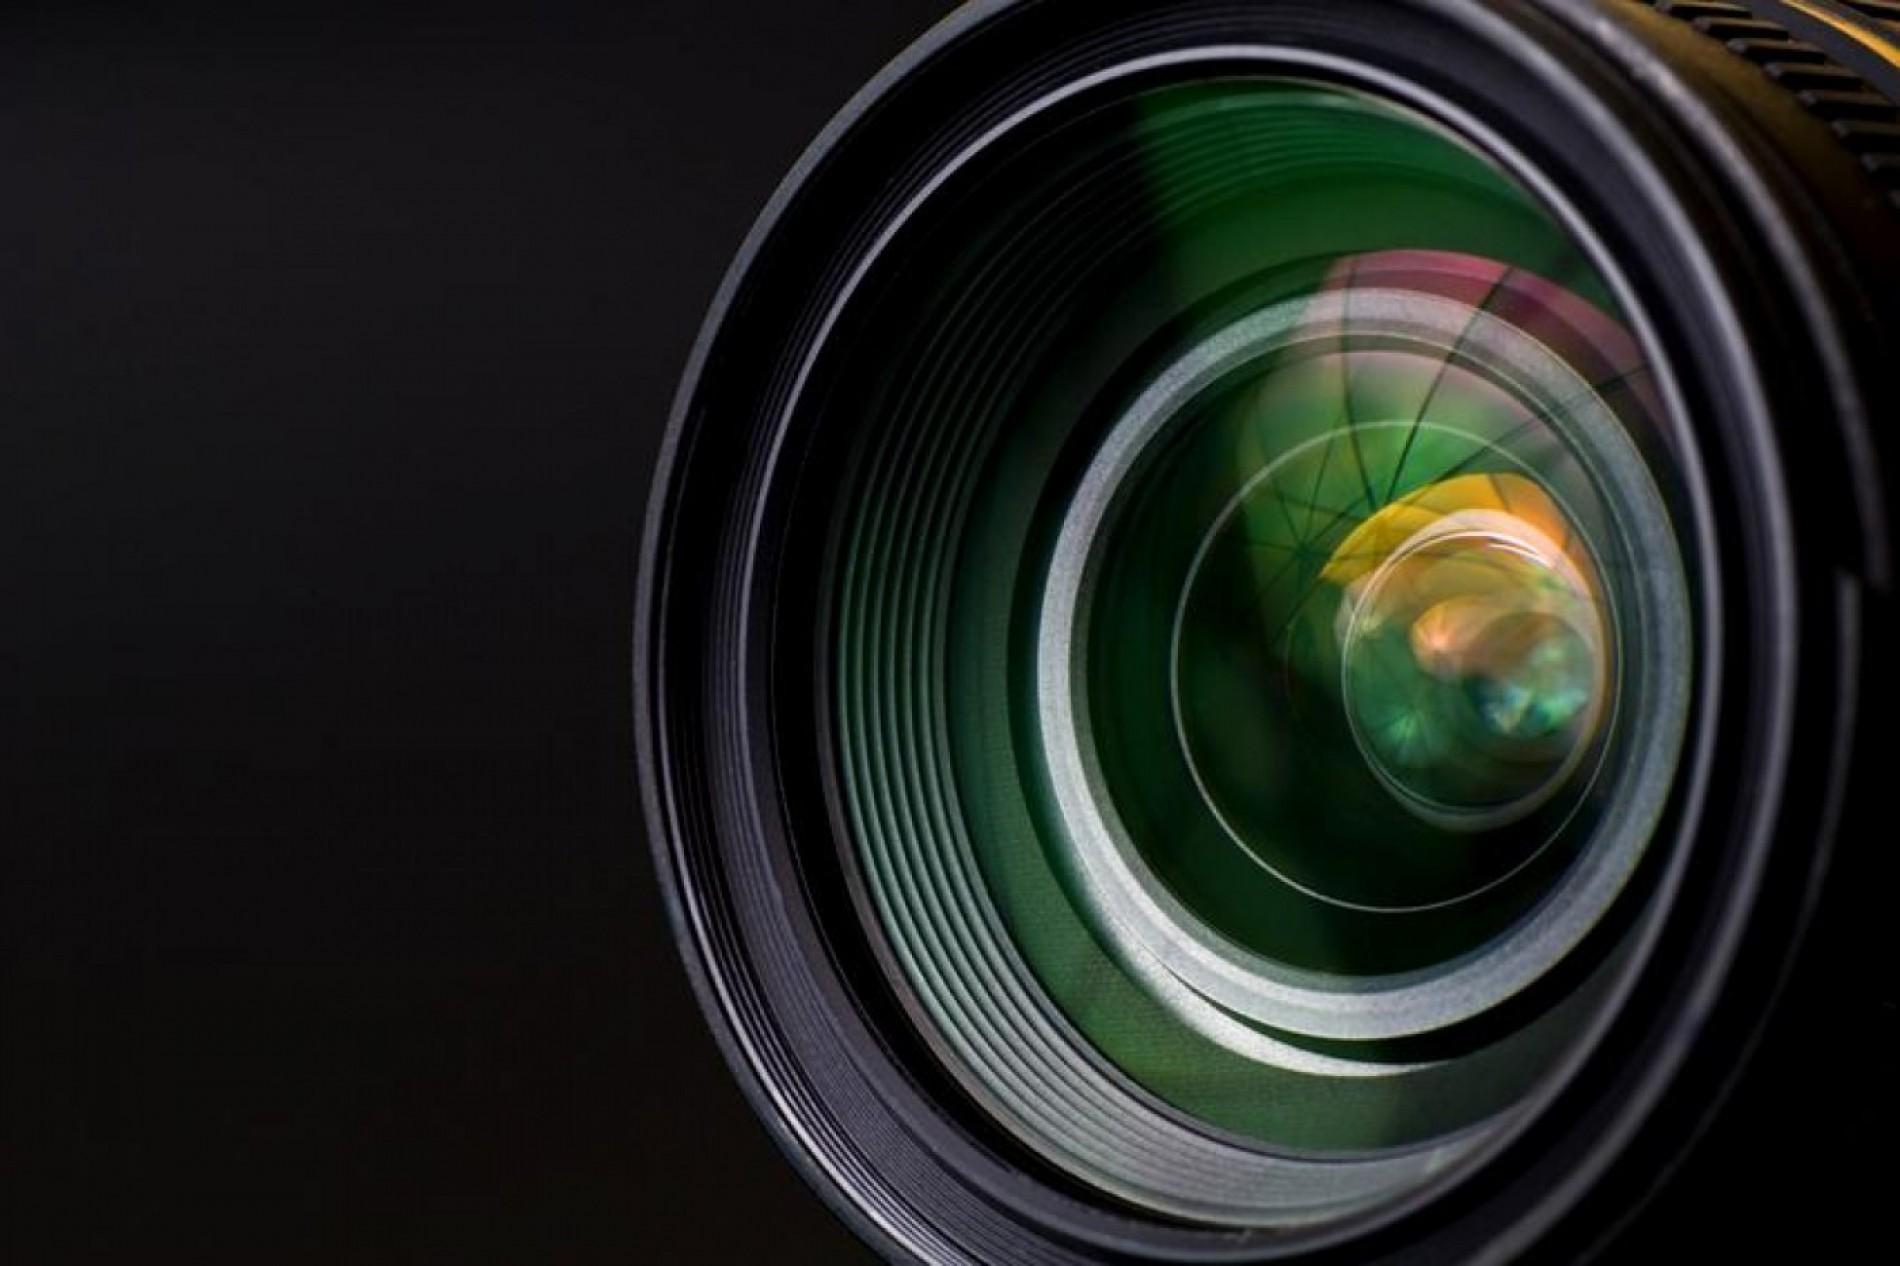 Hd wallpaper camera - 18 Excellent Hd Camera Lens Wallpapers